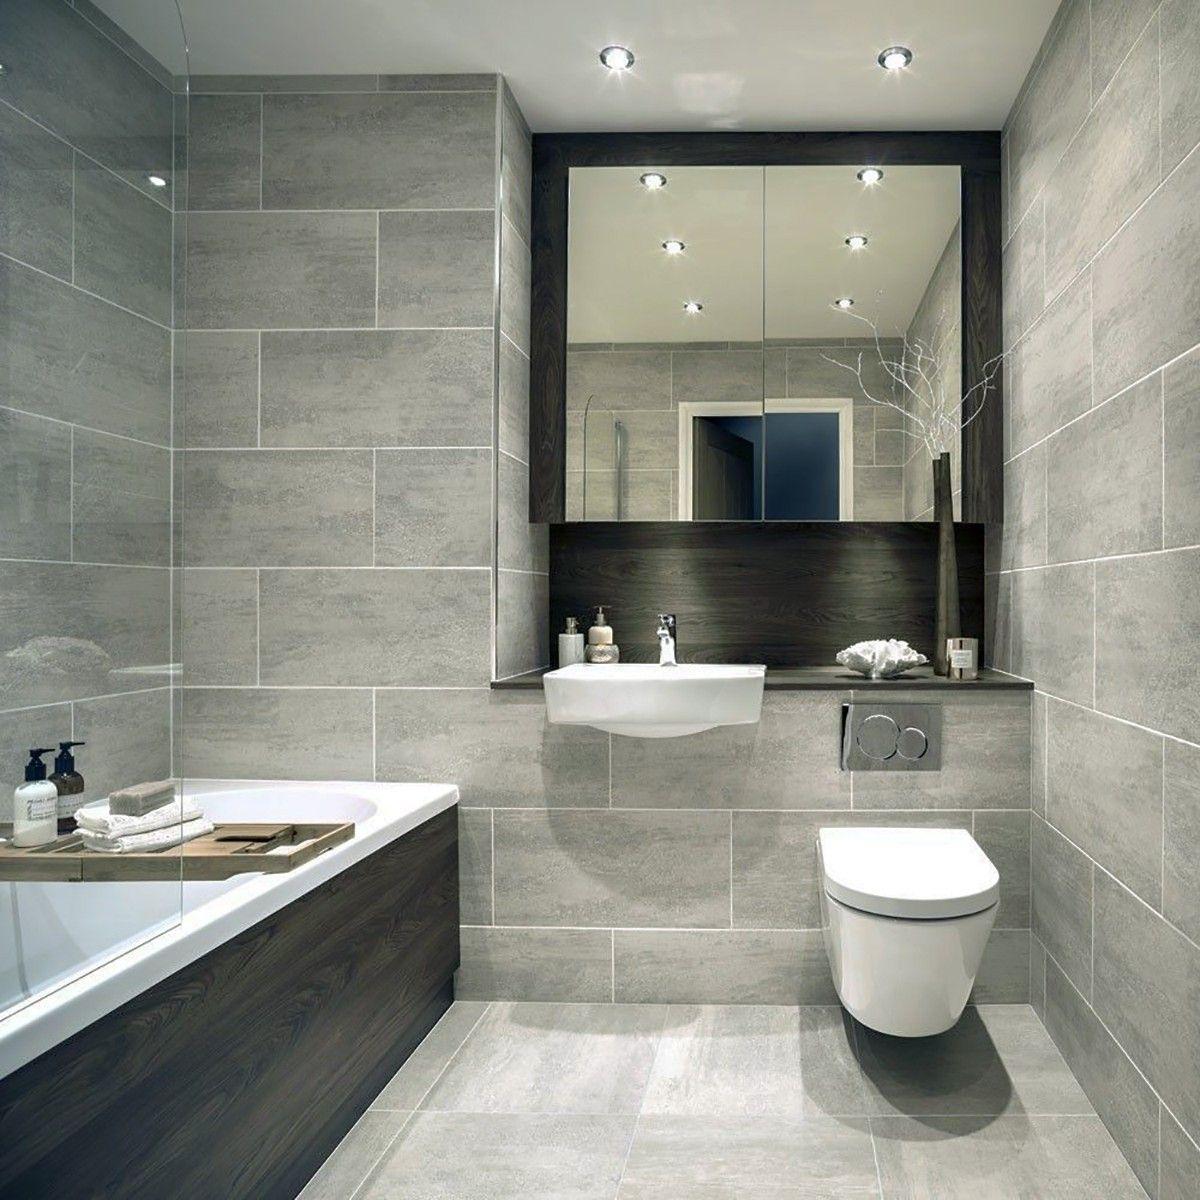 Indiana Grey Porcelain Wall & Floor Tiles Grey bathroom